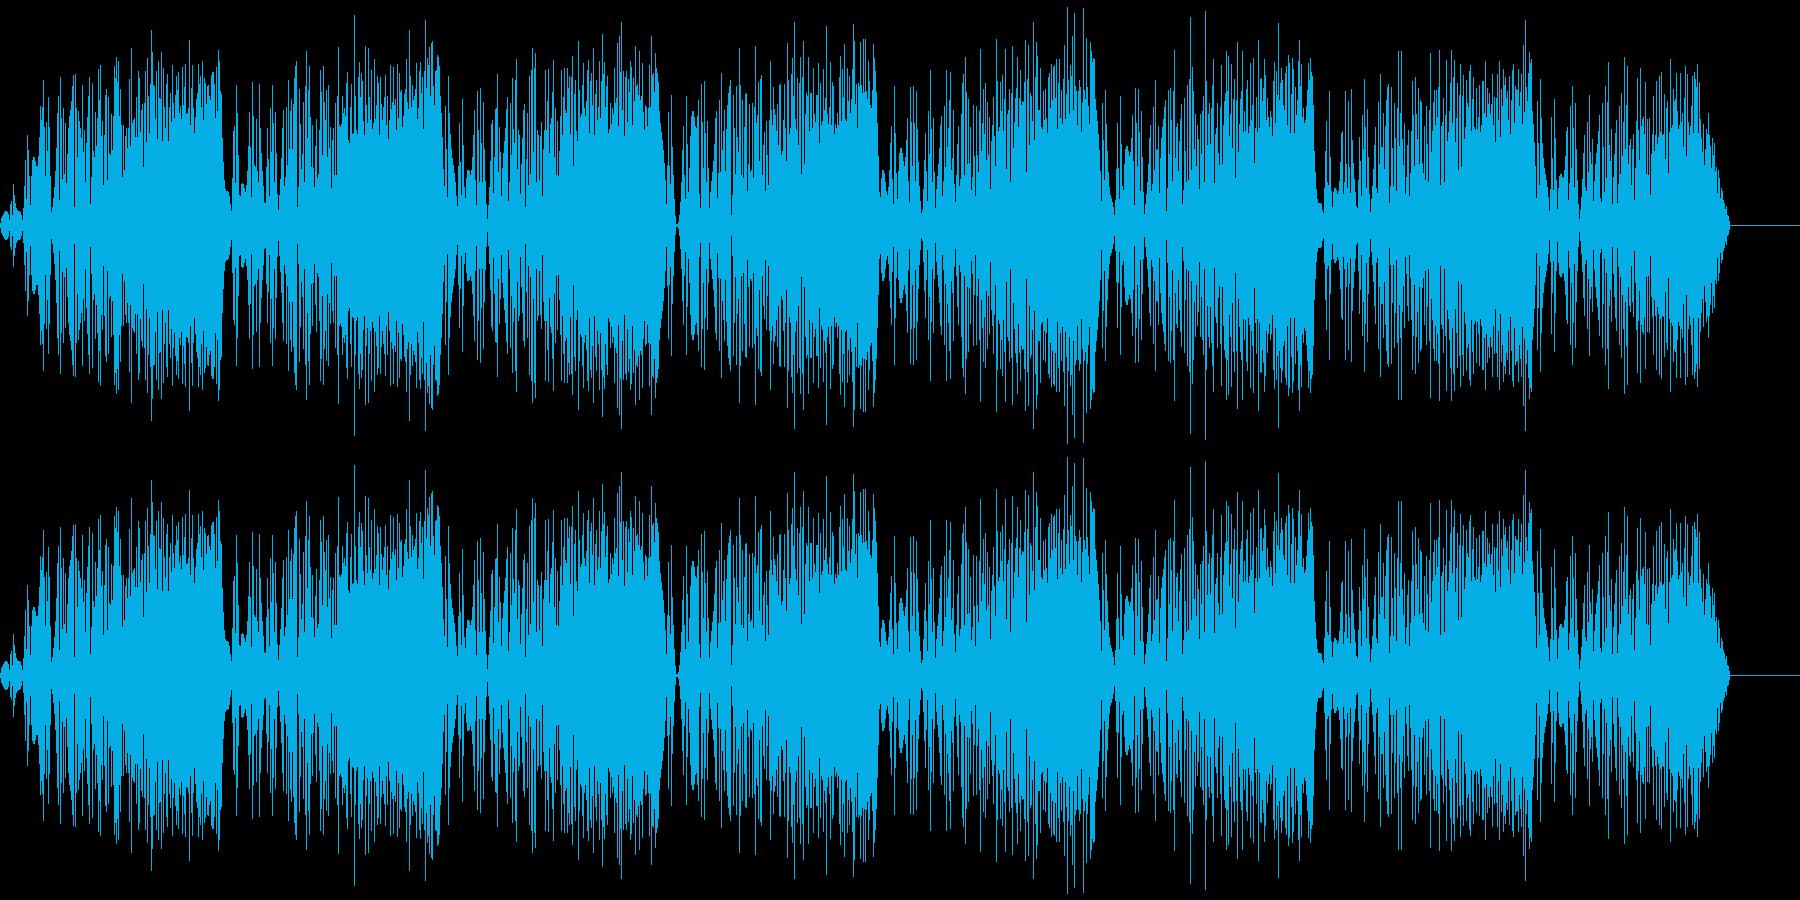 ビービービー(ノイズ/危険/サイレンの再生済みの波形